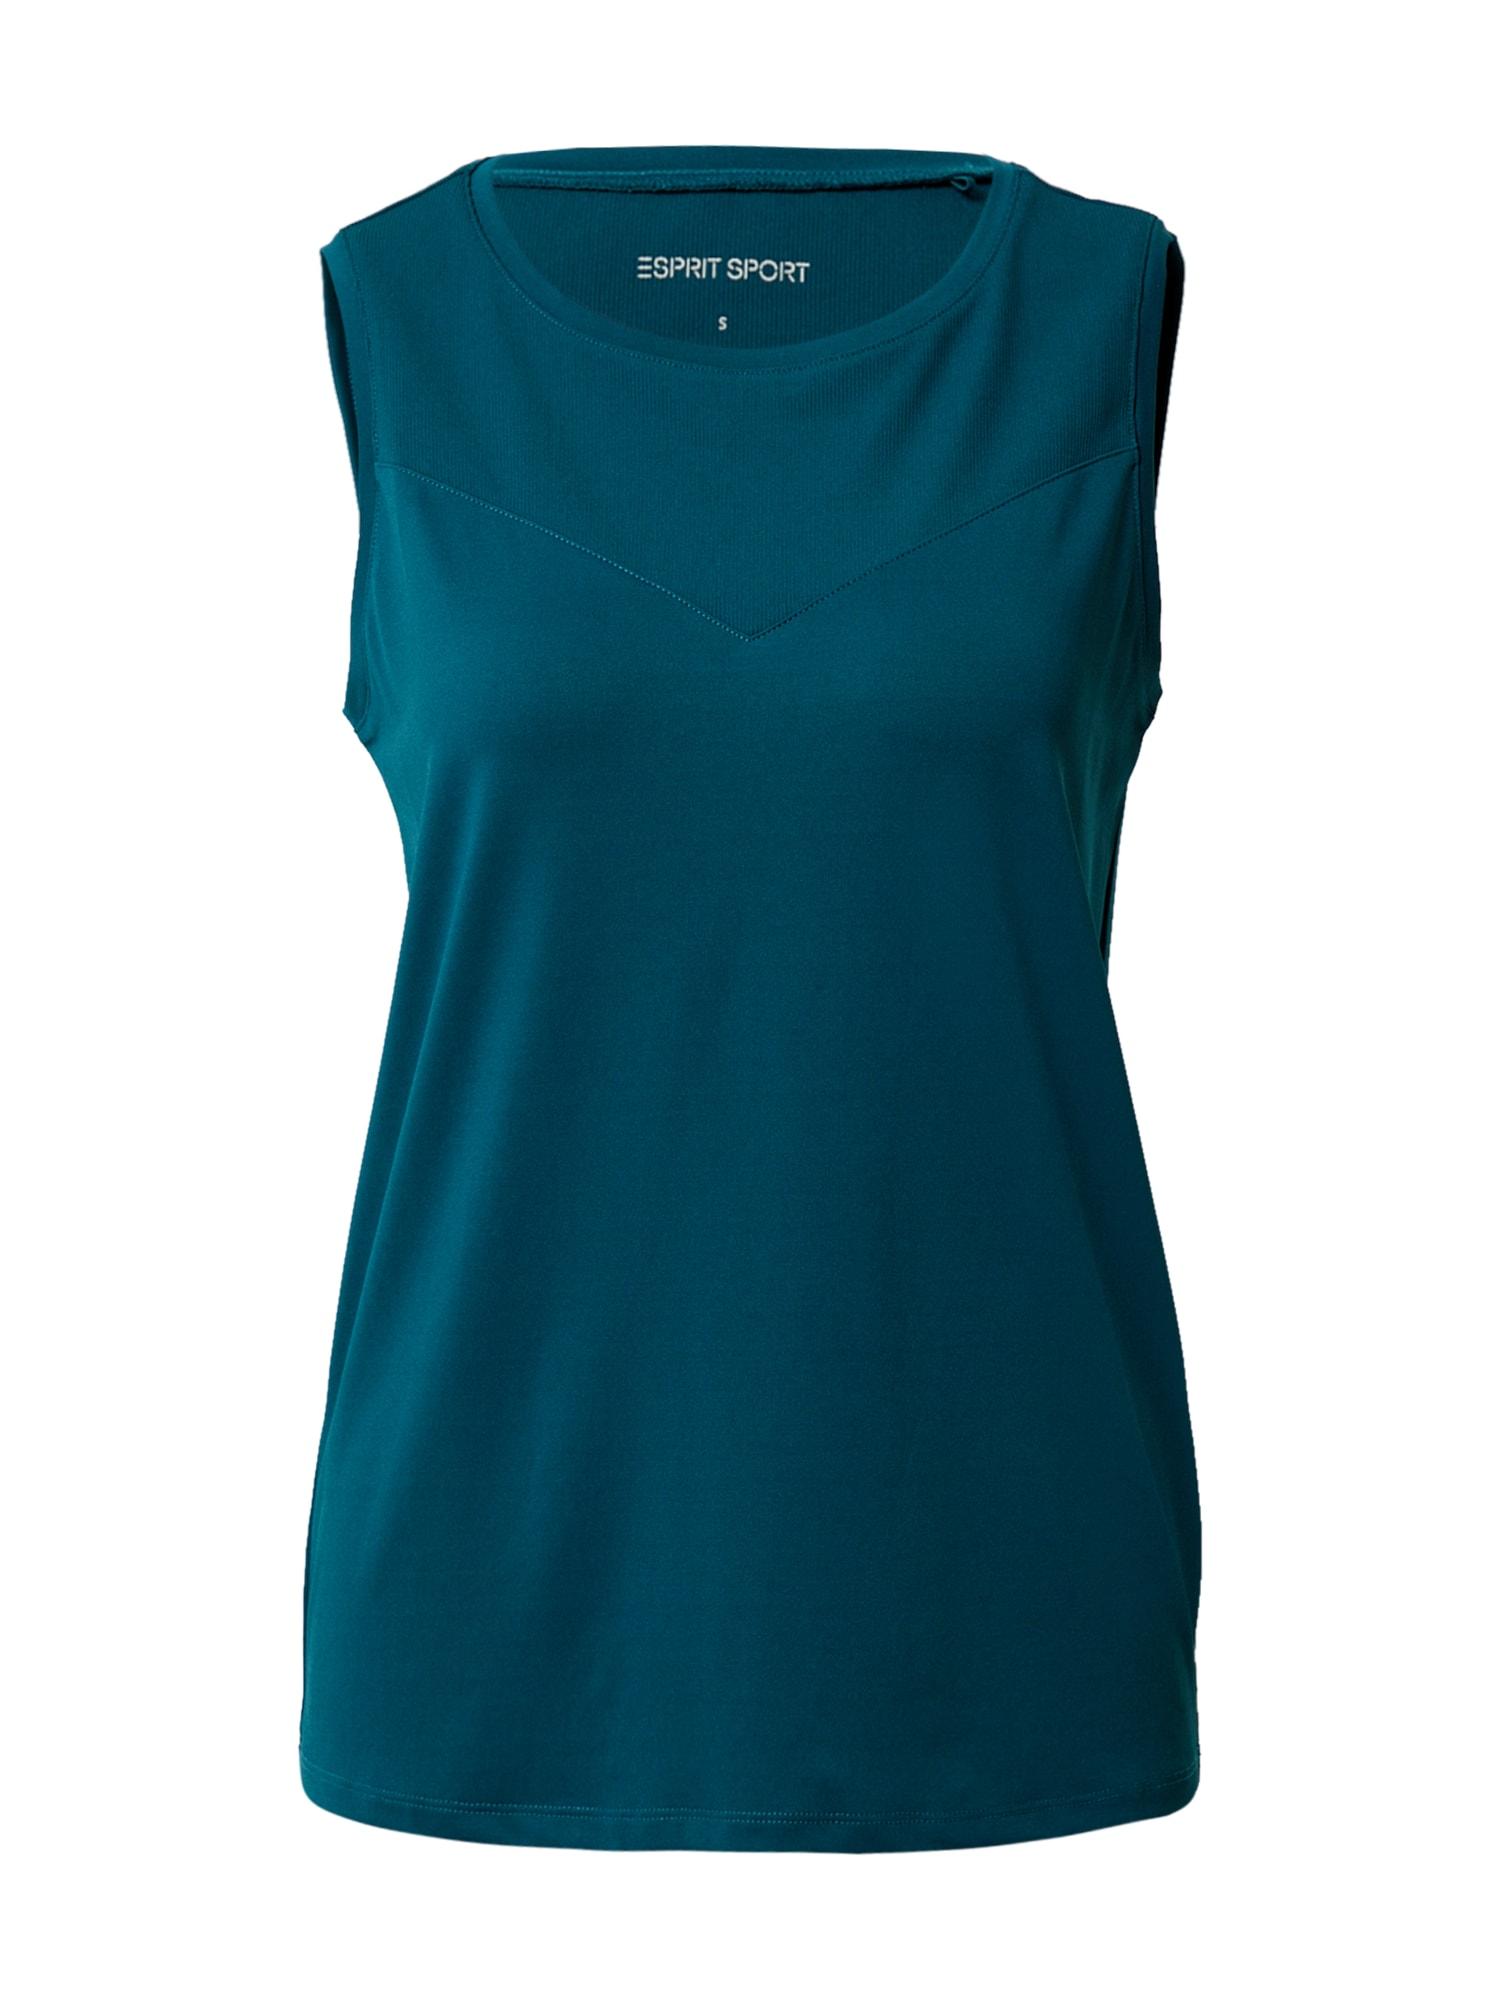 ESPRIT SPORT Sportiniai marškinėliai be rankovių tamsiai žalia